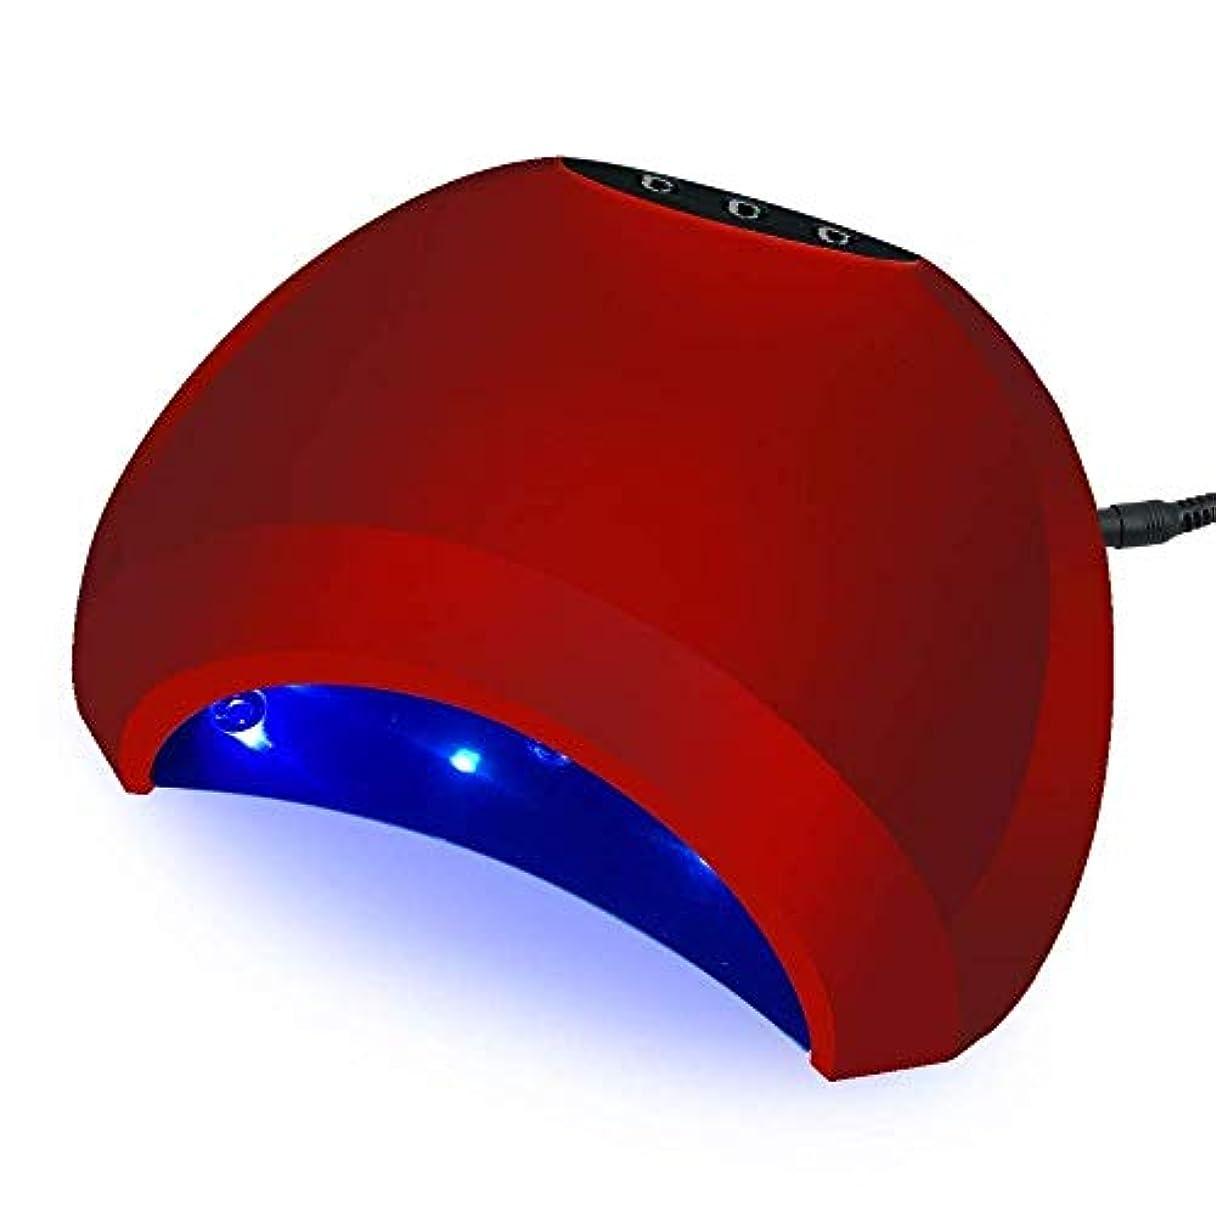 たまにボトル魅惑的なネイルドライヤー2019新しい48W太陽ランプマニキュア乾燥用UV LEDランプ用ネイルドライヤーネイルマニキュア機用ネイルポリッシュアイスランプ